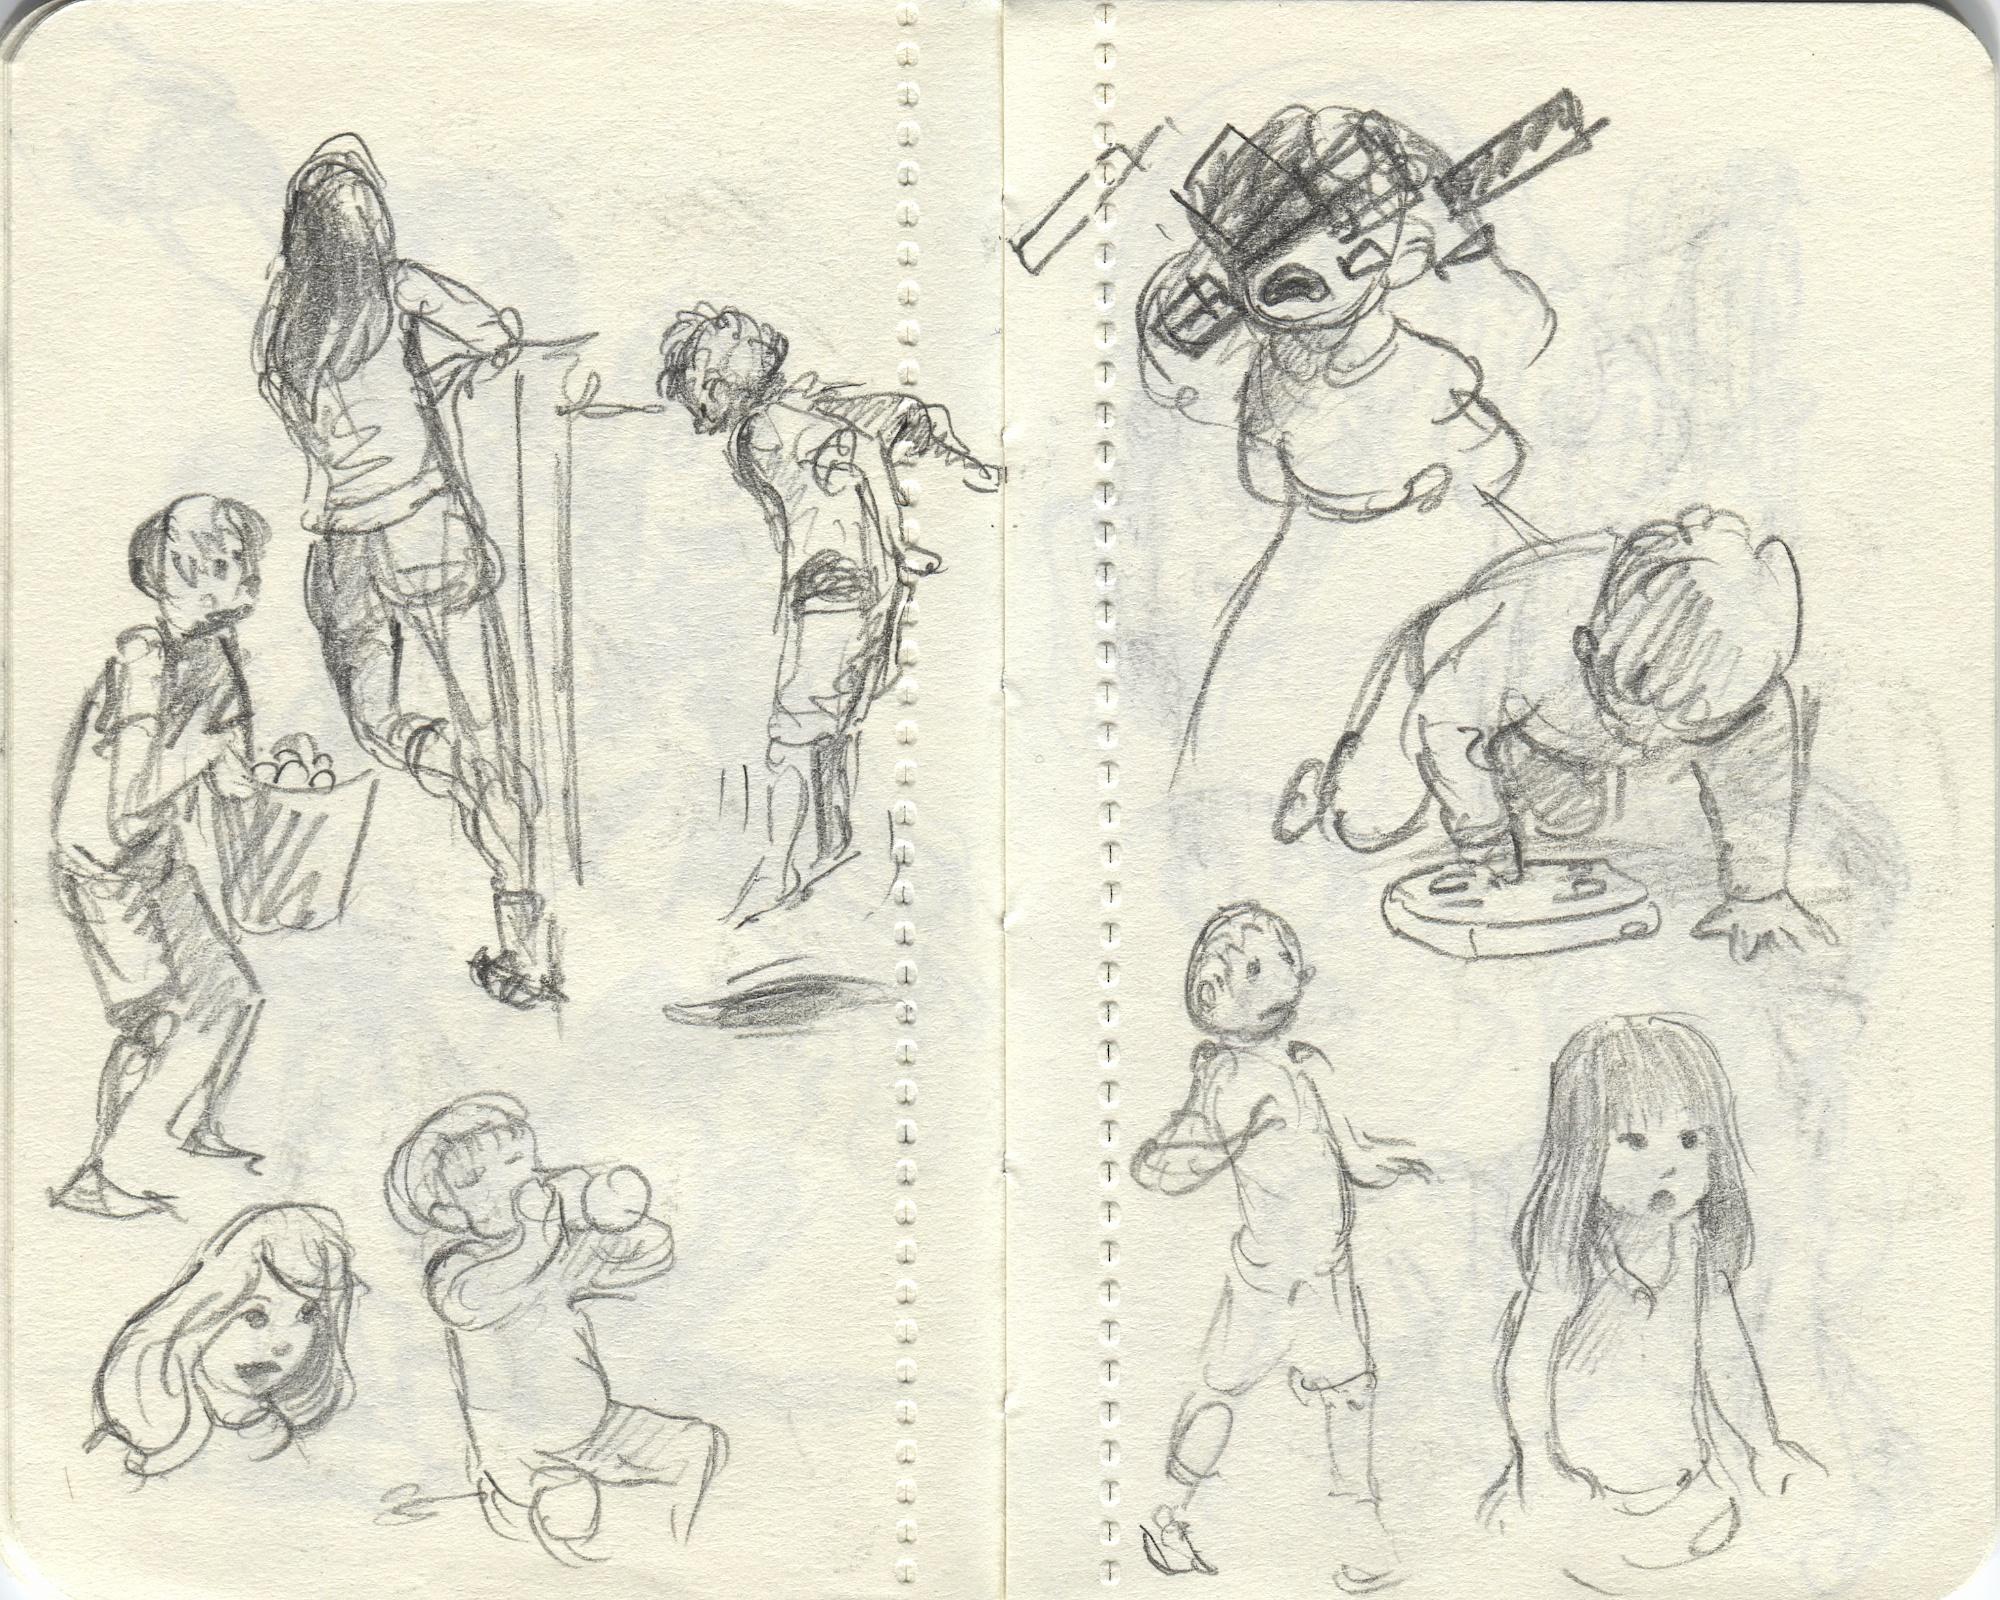 kids playing sketch